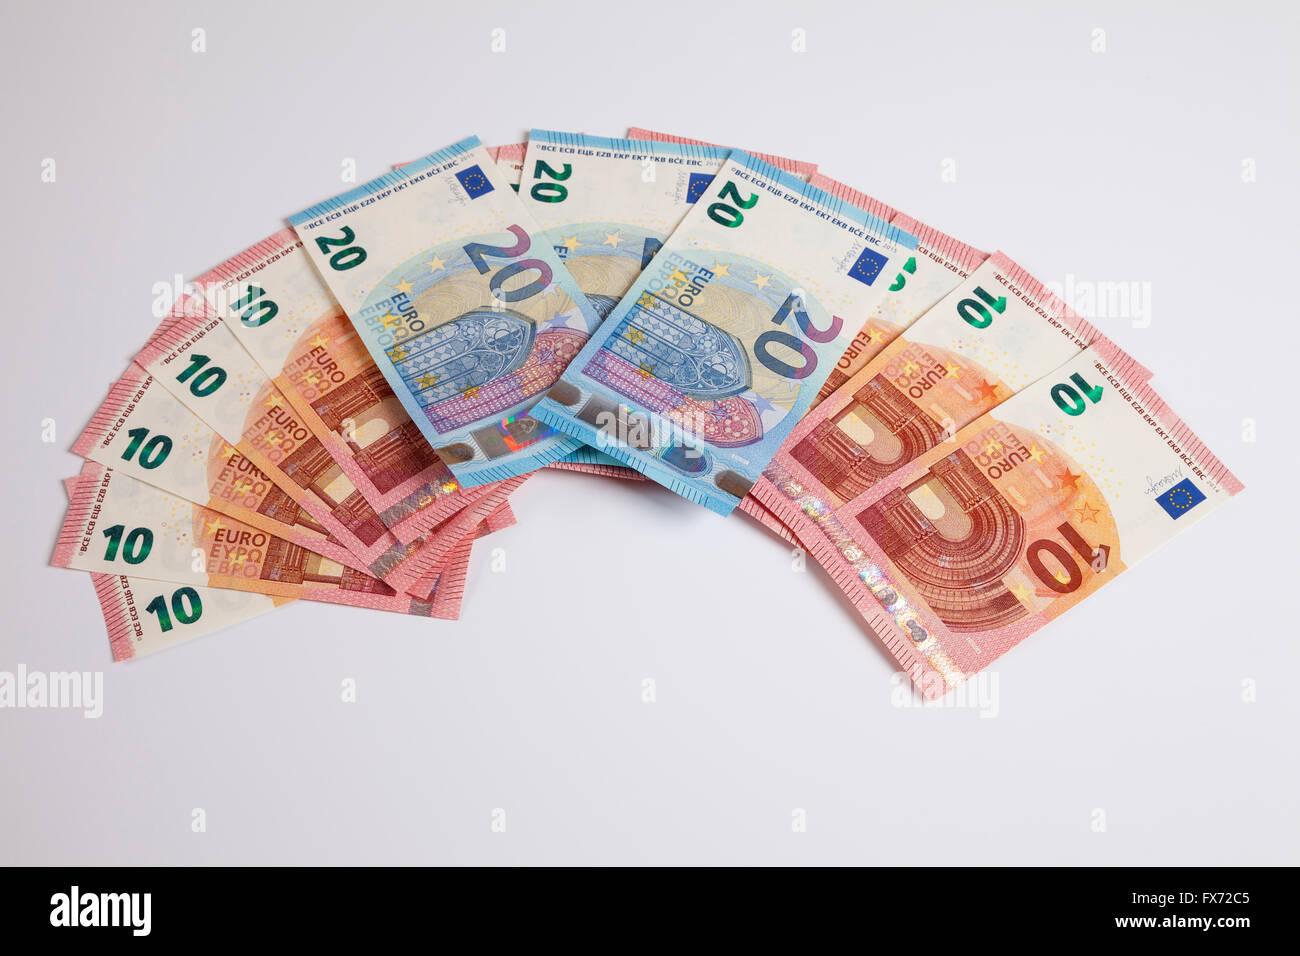 Fan of bank notes, twenty Euros, release date 25/11/2015, ten Euros, release date 23/09/2014 - Stock Image